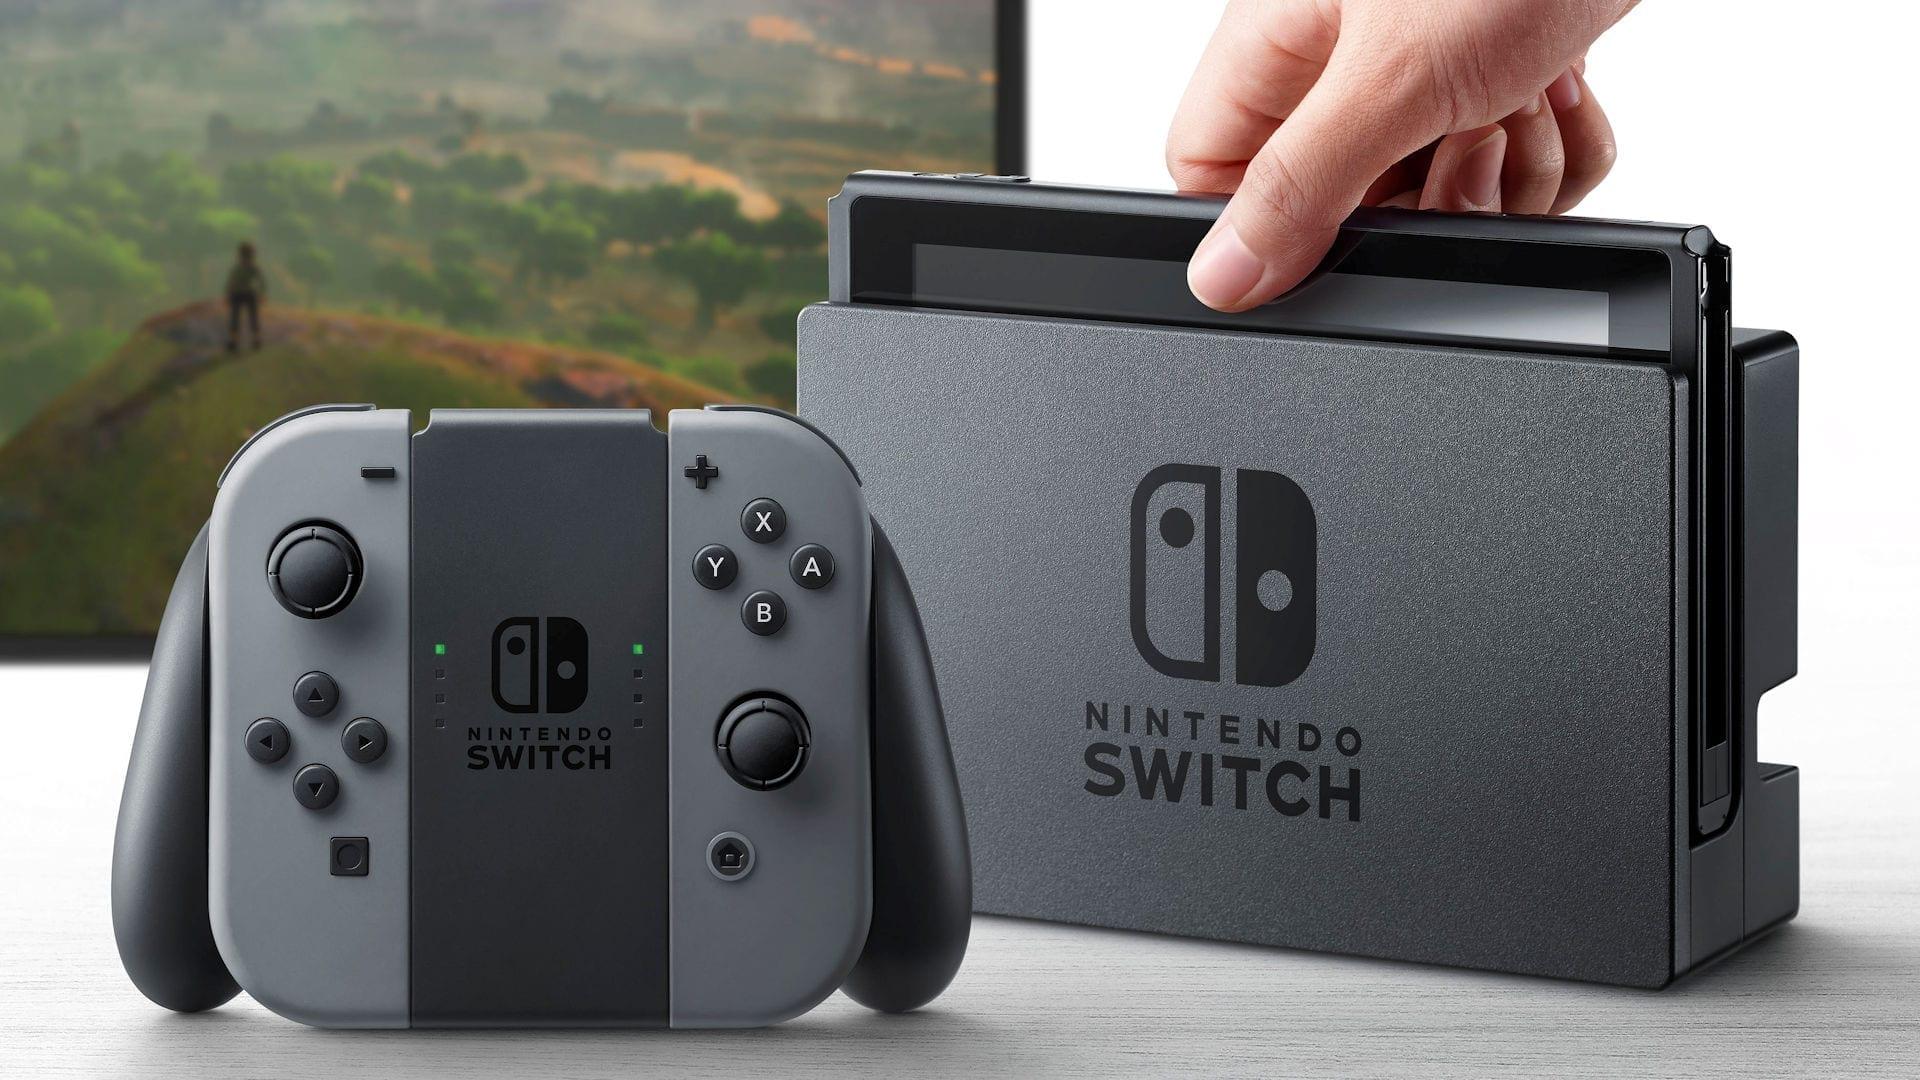 ninendo-switch-gamecube